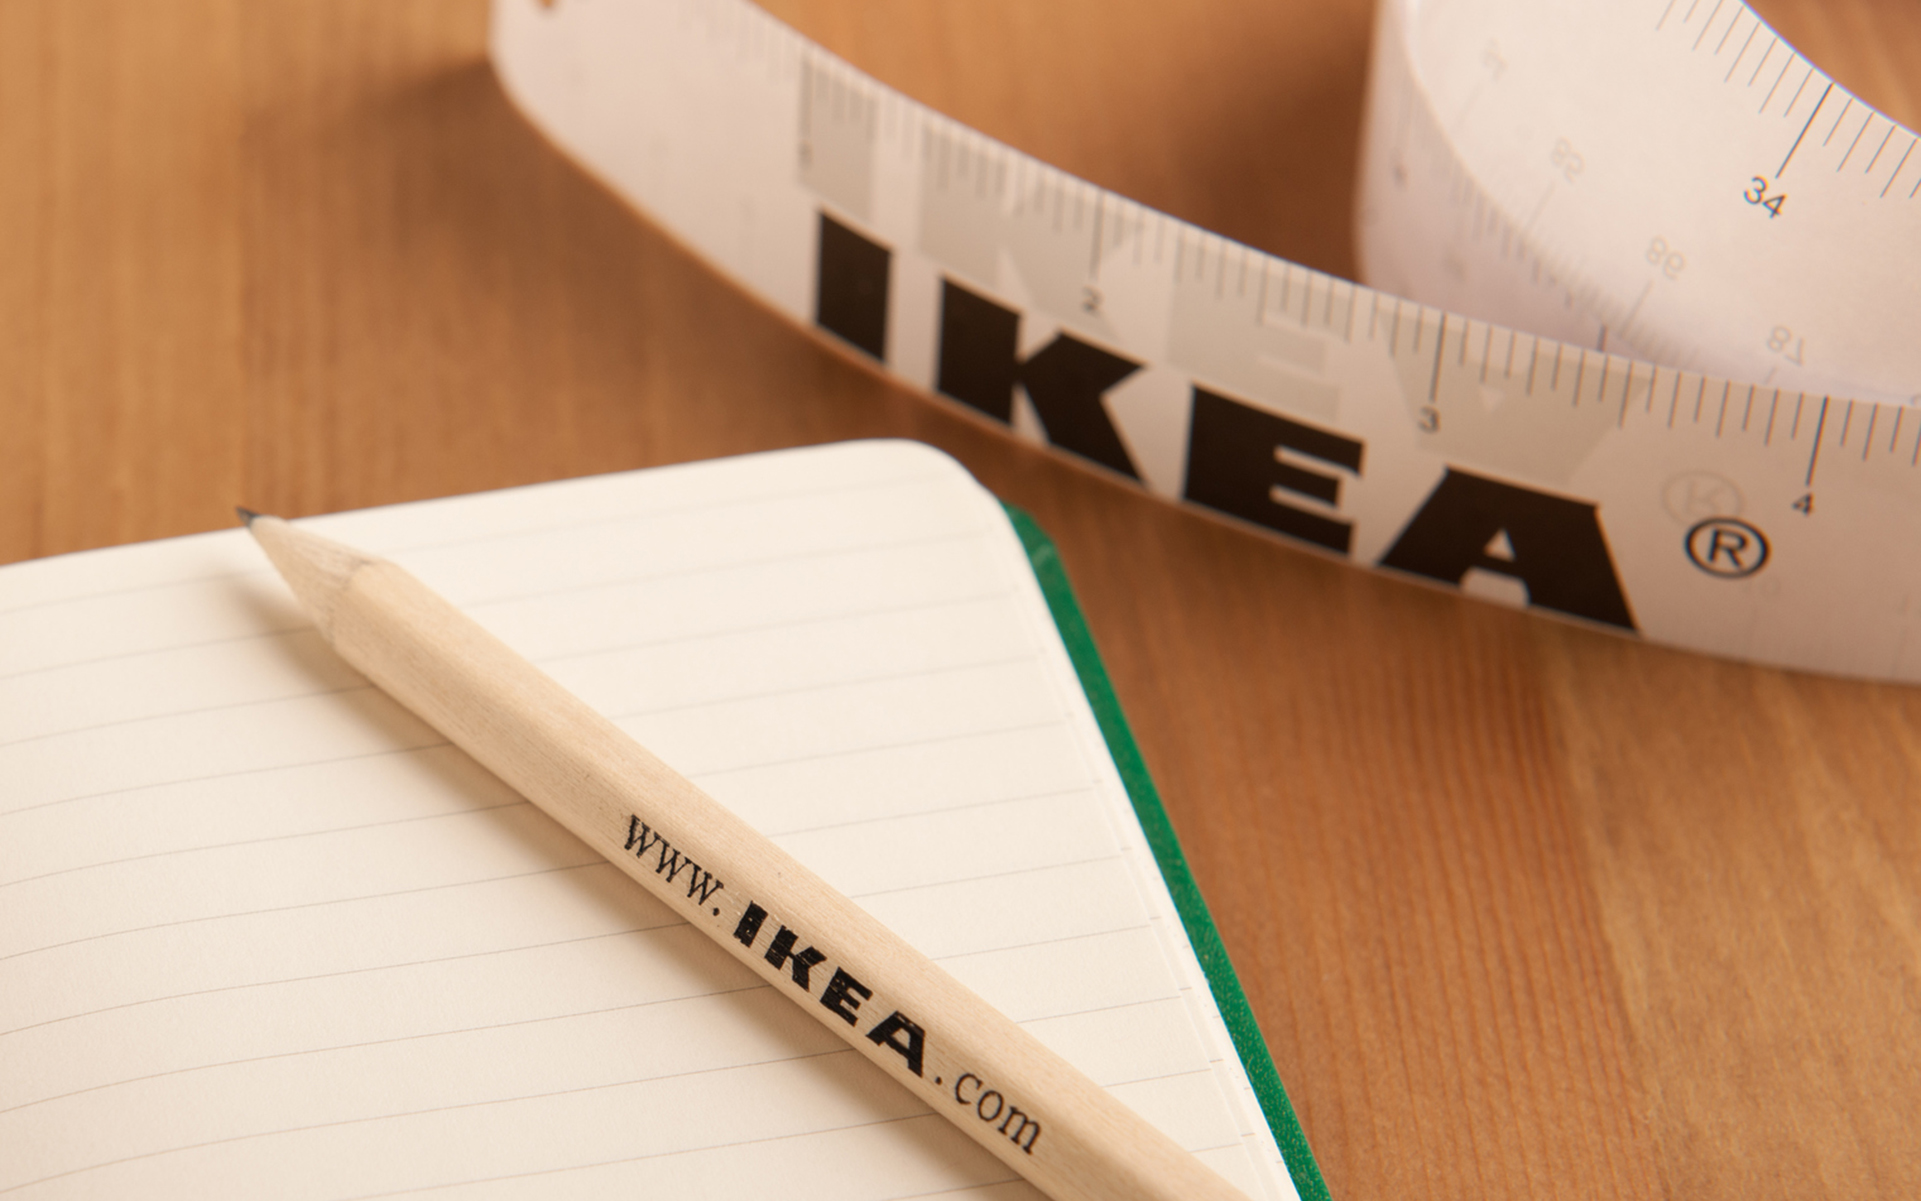 IKEA Pencil and Tape Measure